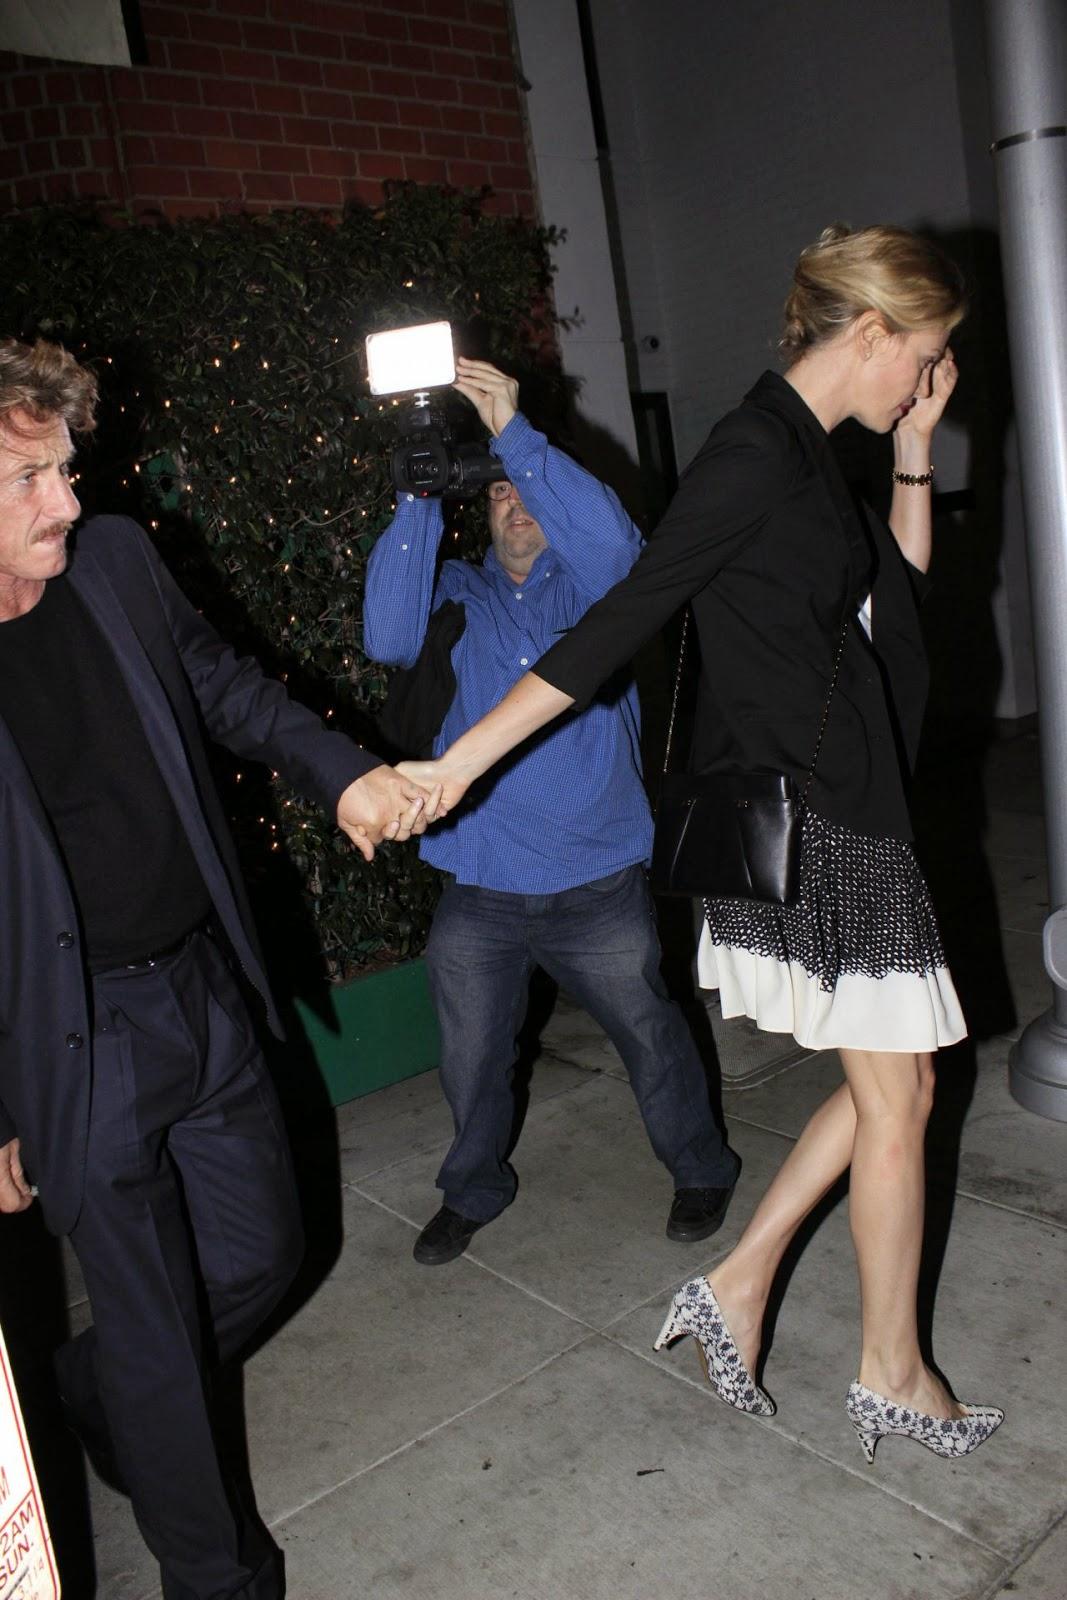 تشارليز ثيرون خلال خروجها لسهرة مع زوجها في لوس أنجلوس